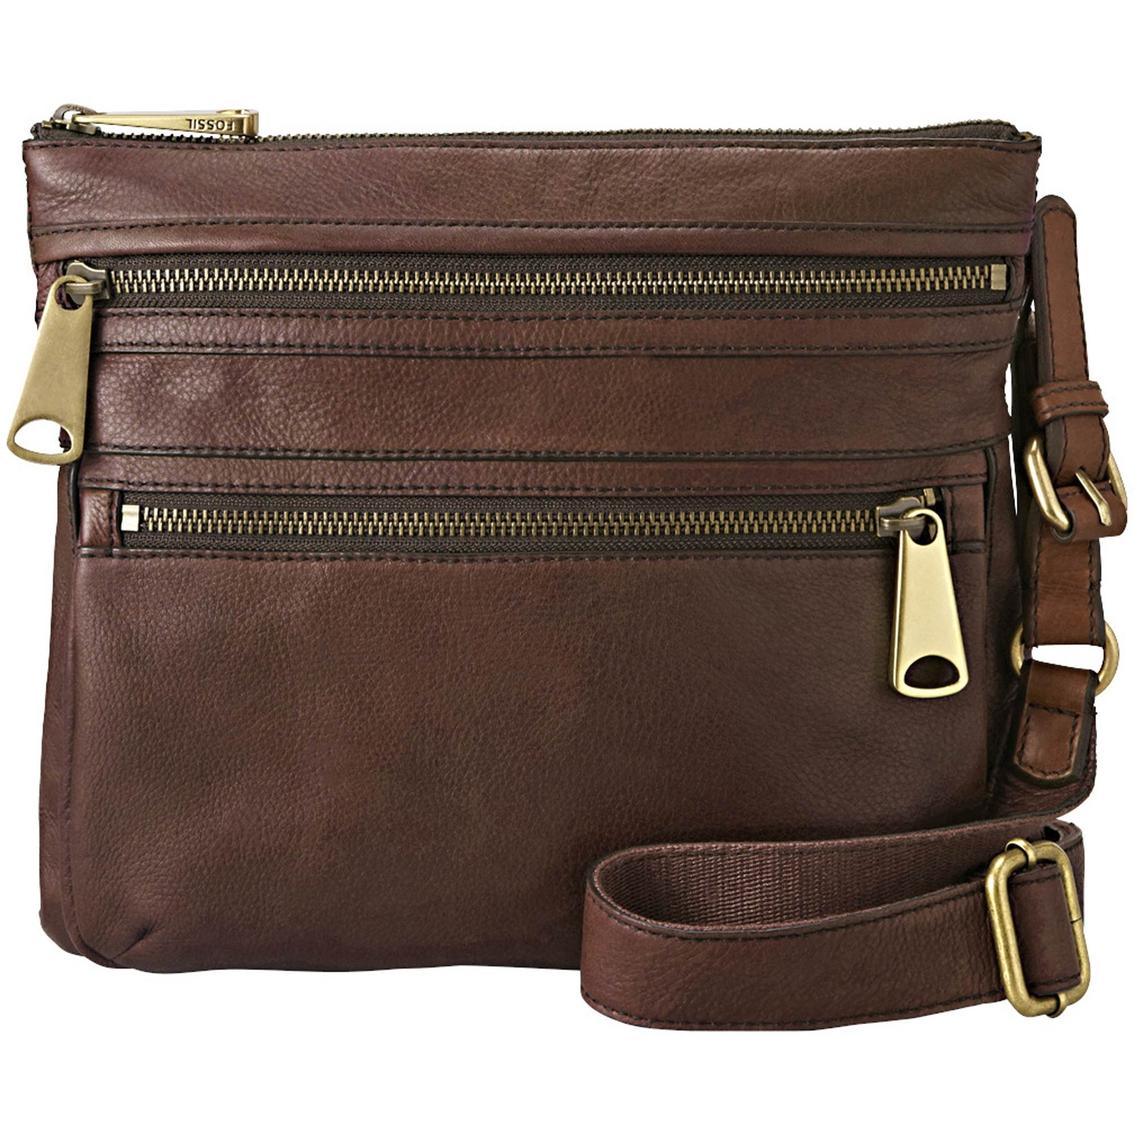 Fossil Explorer Crossbody Handbags Handbags